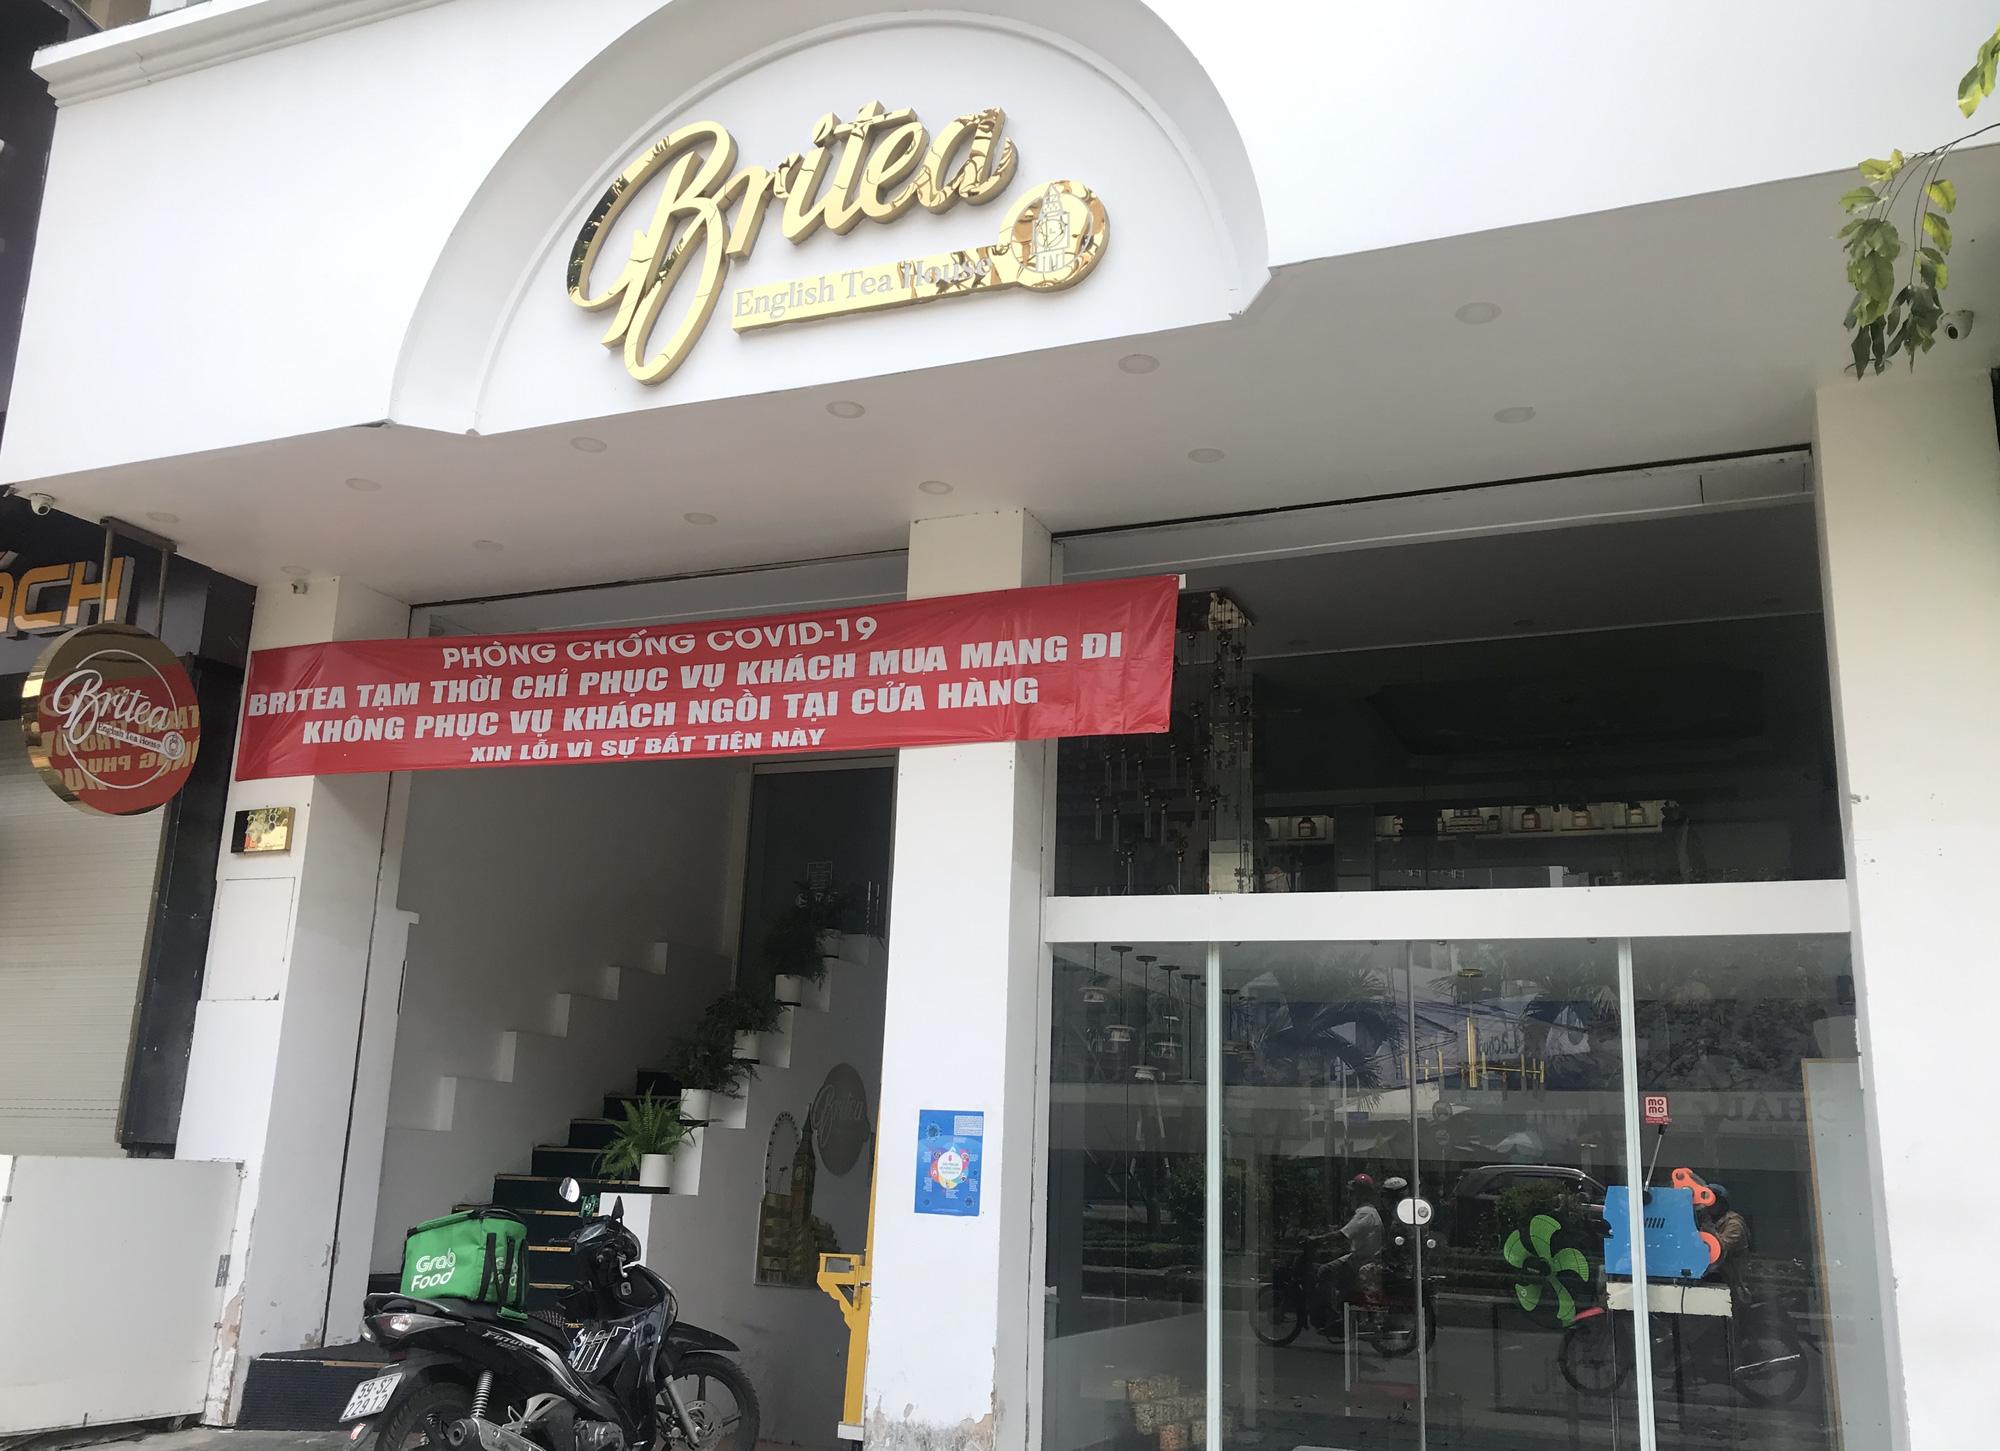 Một nửa doanh nghiệp Việt Nam sẽ phá sản vì dịch Covid-19, kiến nghị miễn, giảm thuế thay vì tạm hoãn - Ảnh 2.